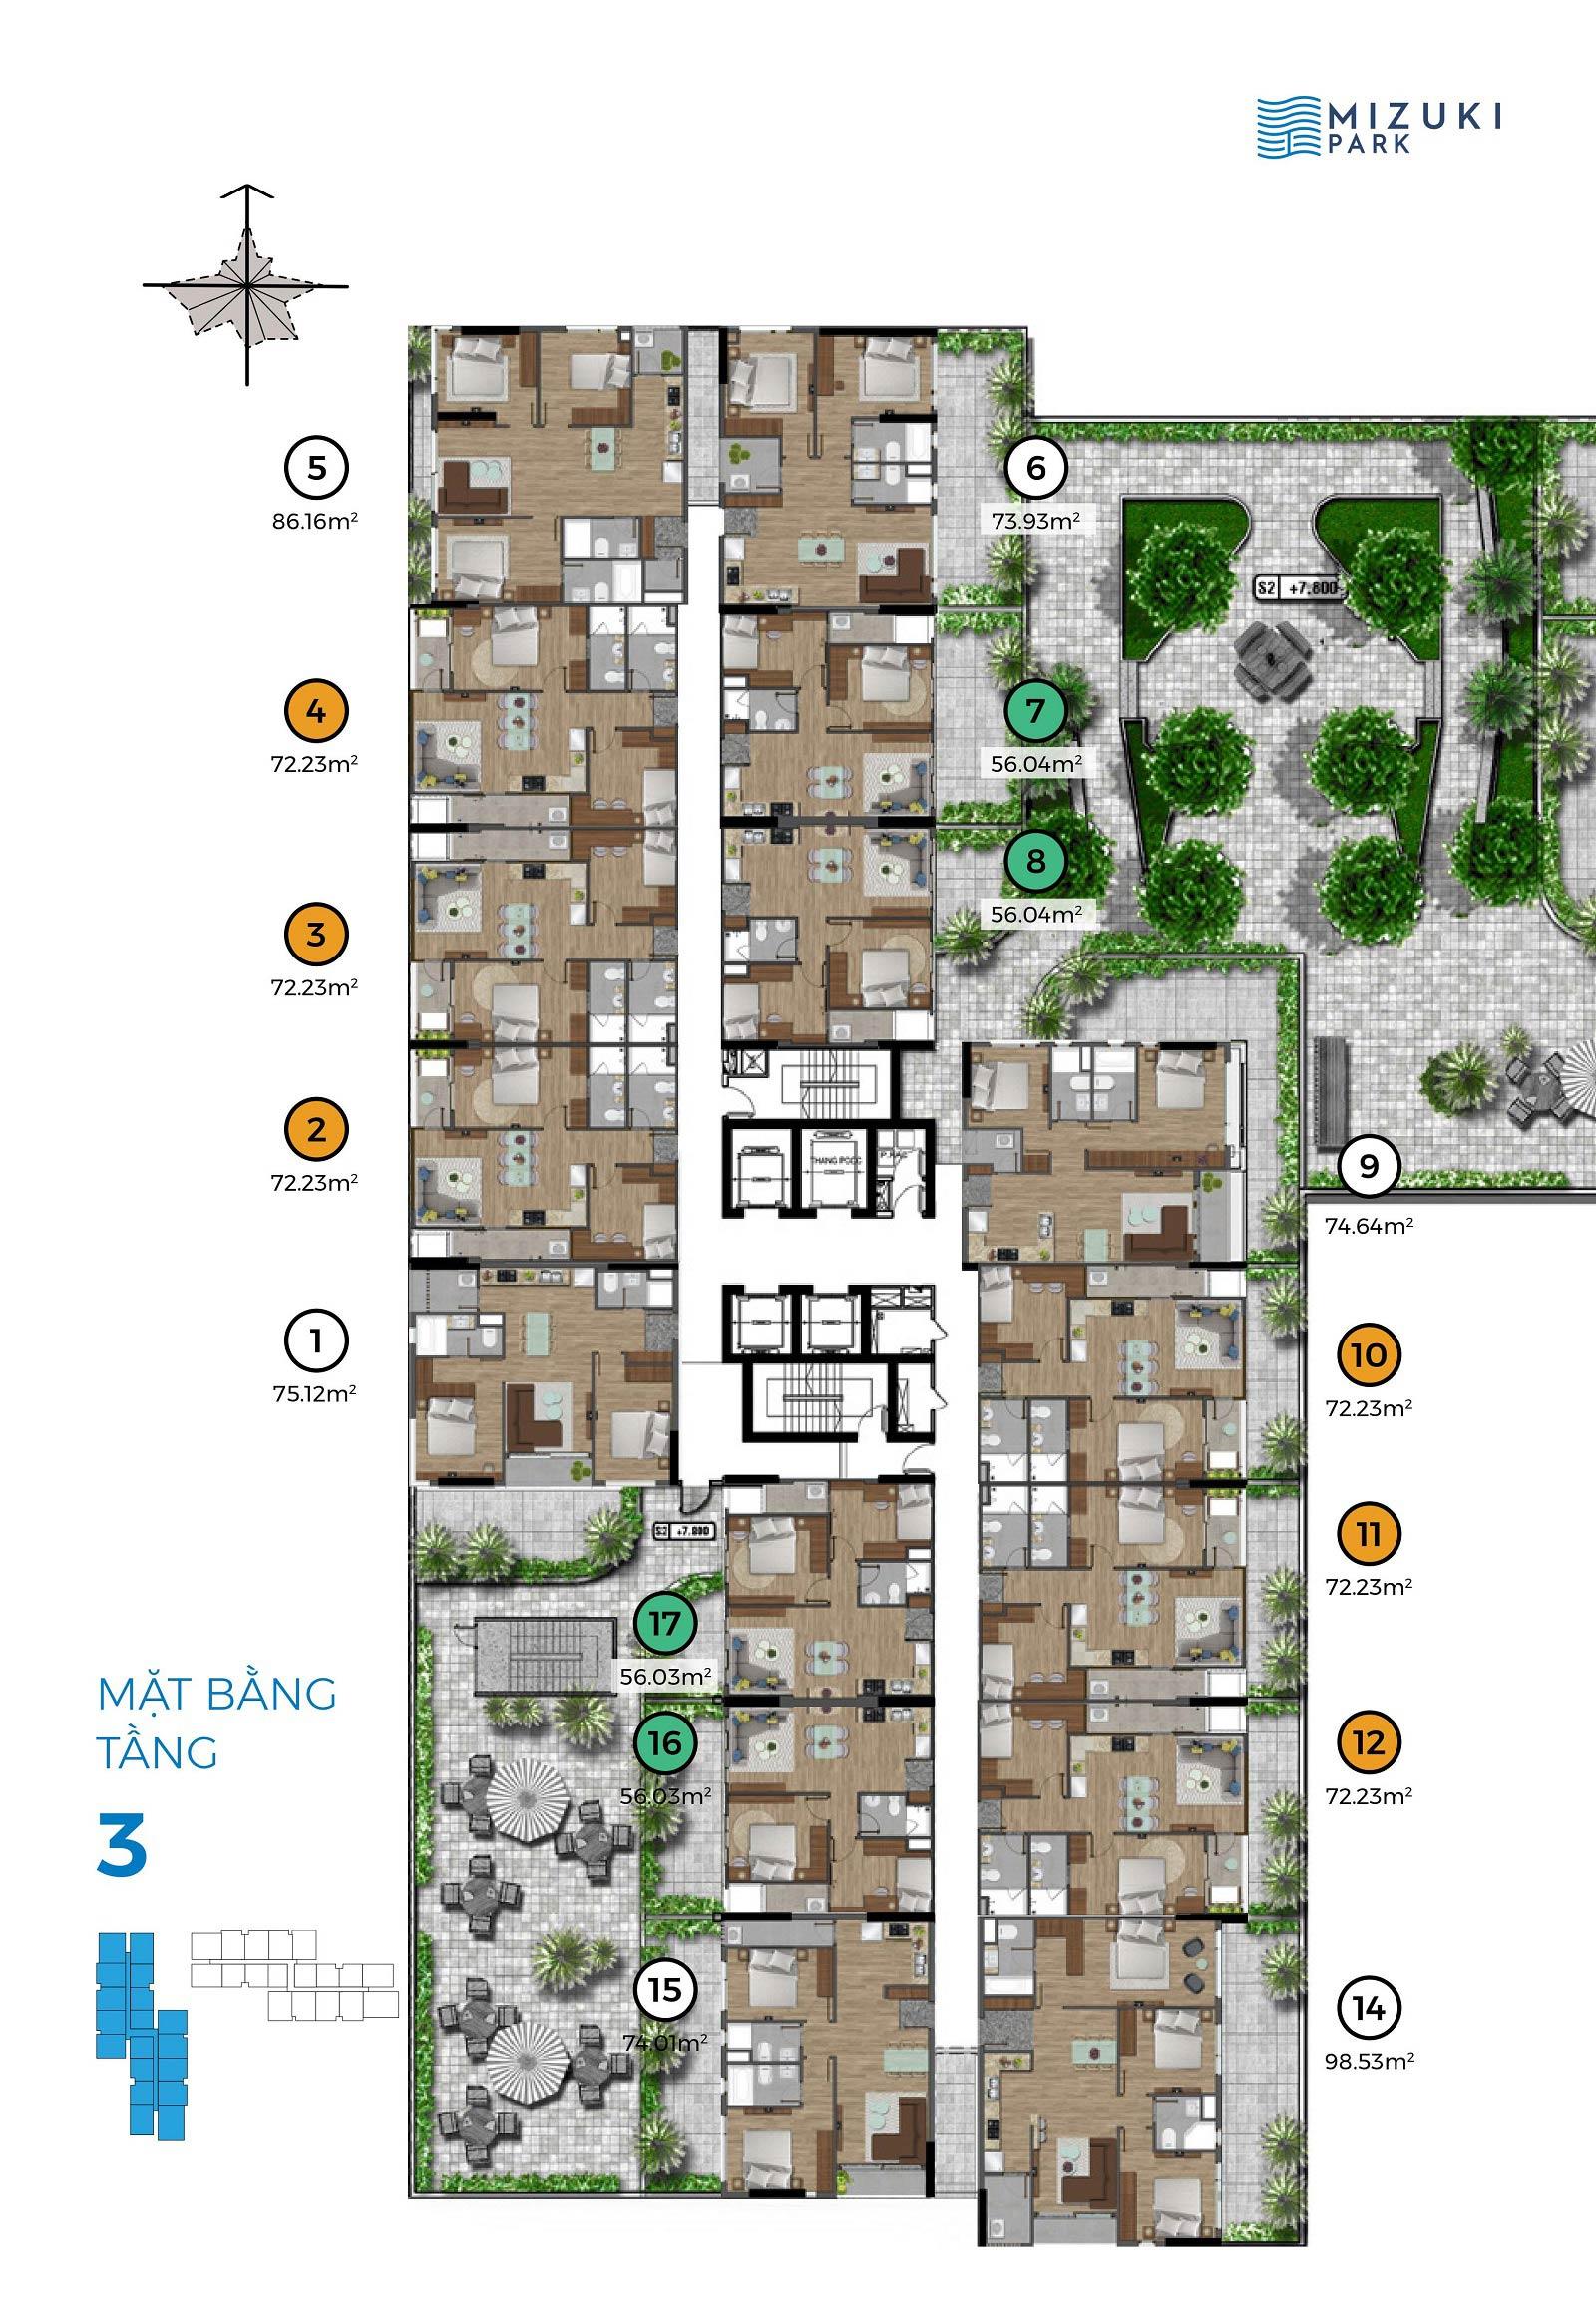 Mặt bằng Mizuki Park 2 tầng 3